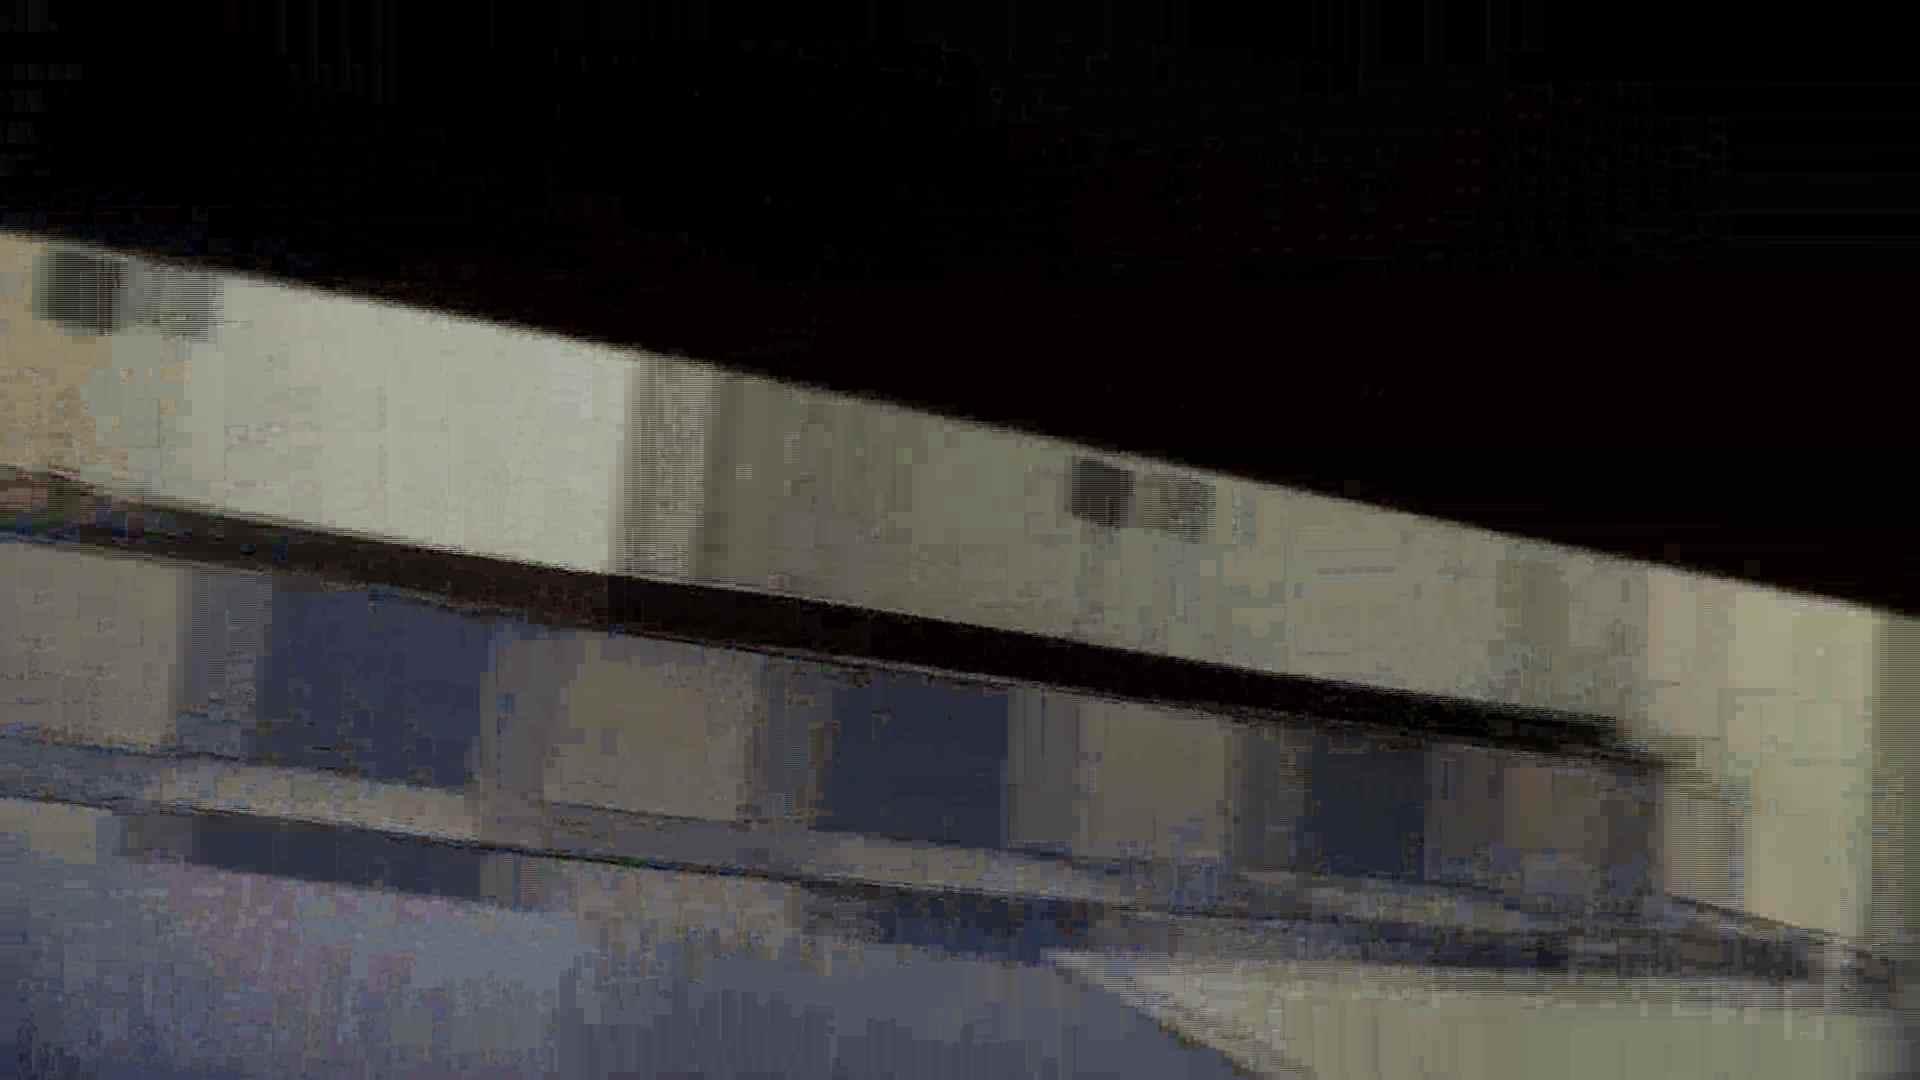 なんだこれVol.15 新しいアングル!! 潜入 | 0  11枚 1